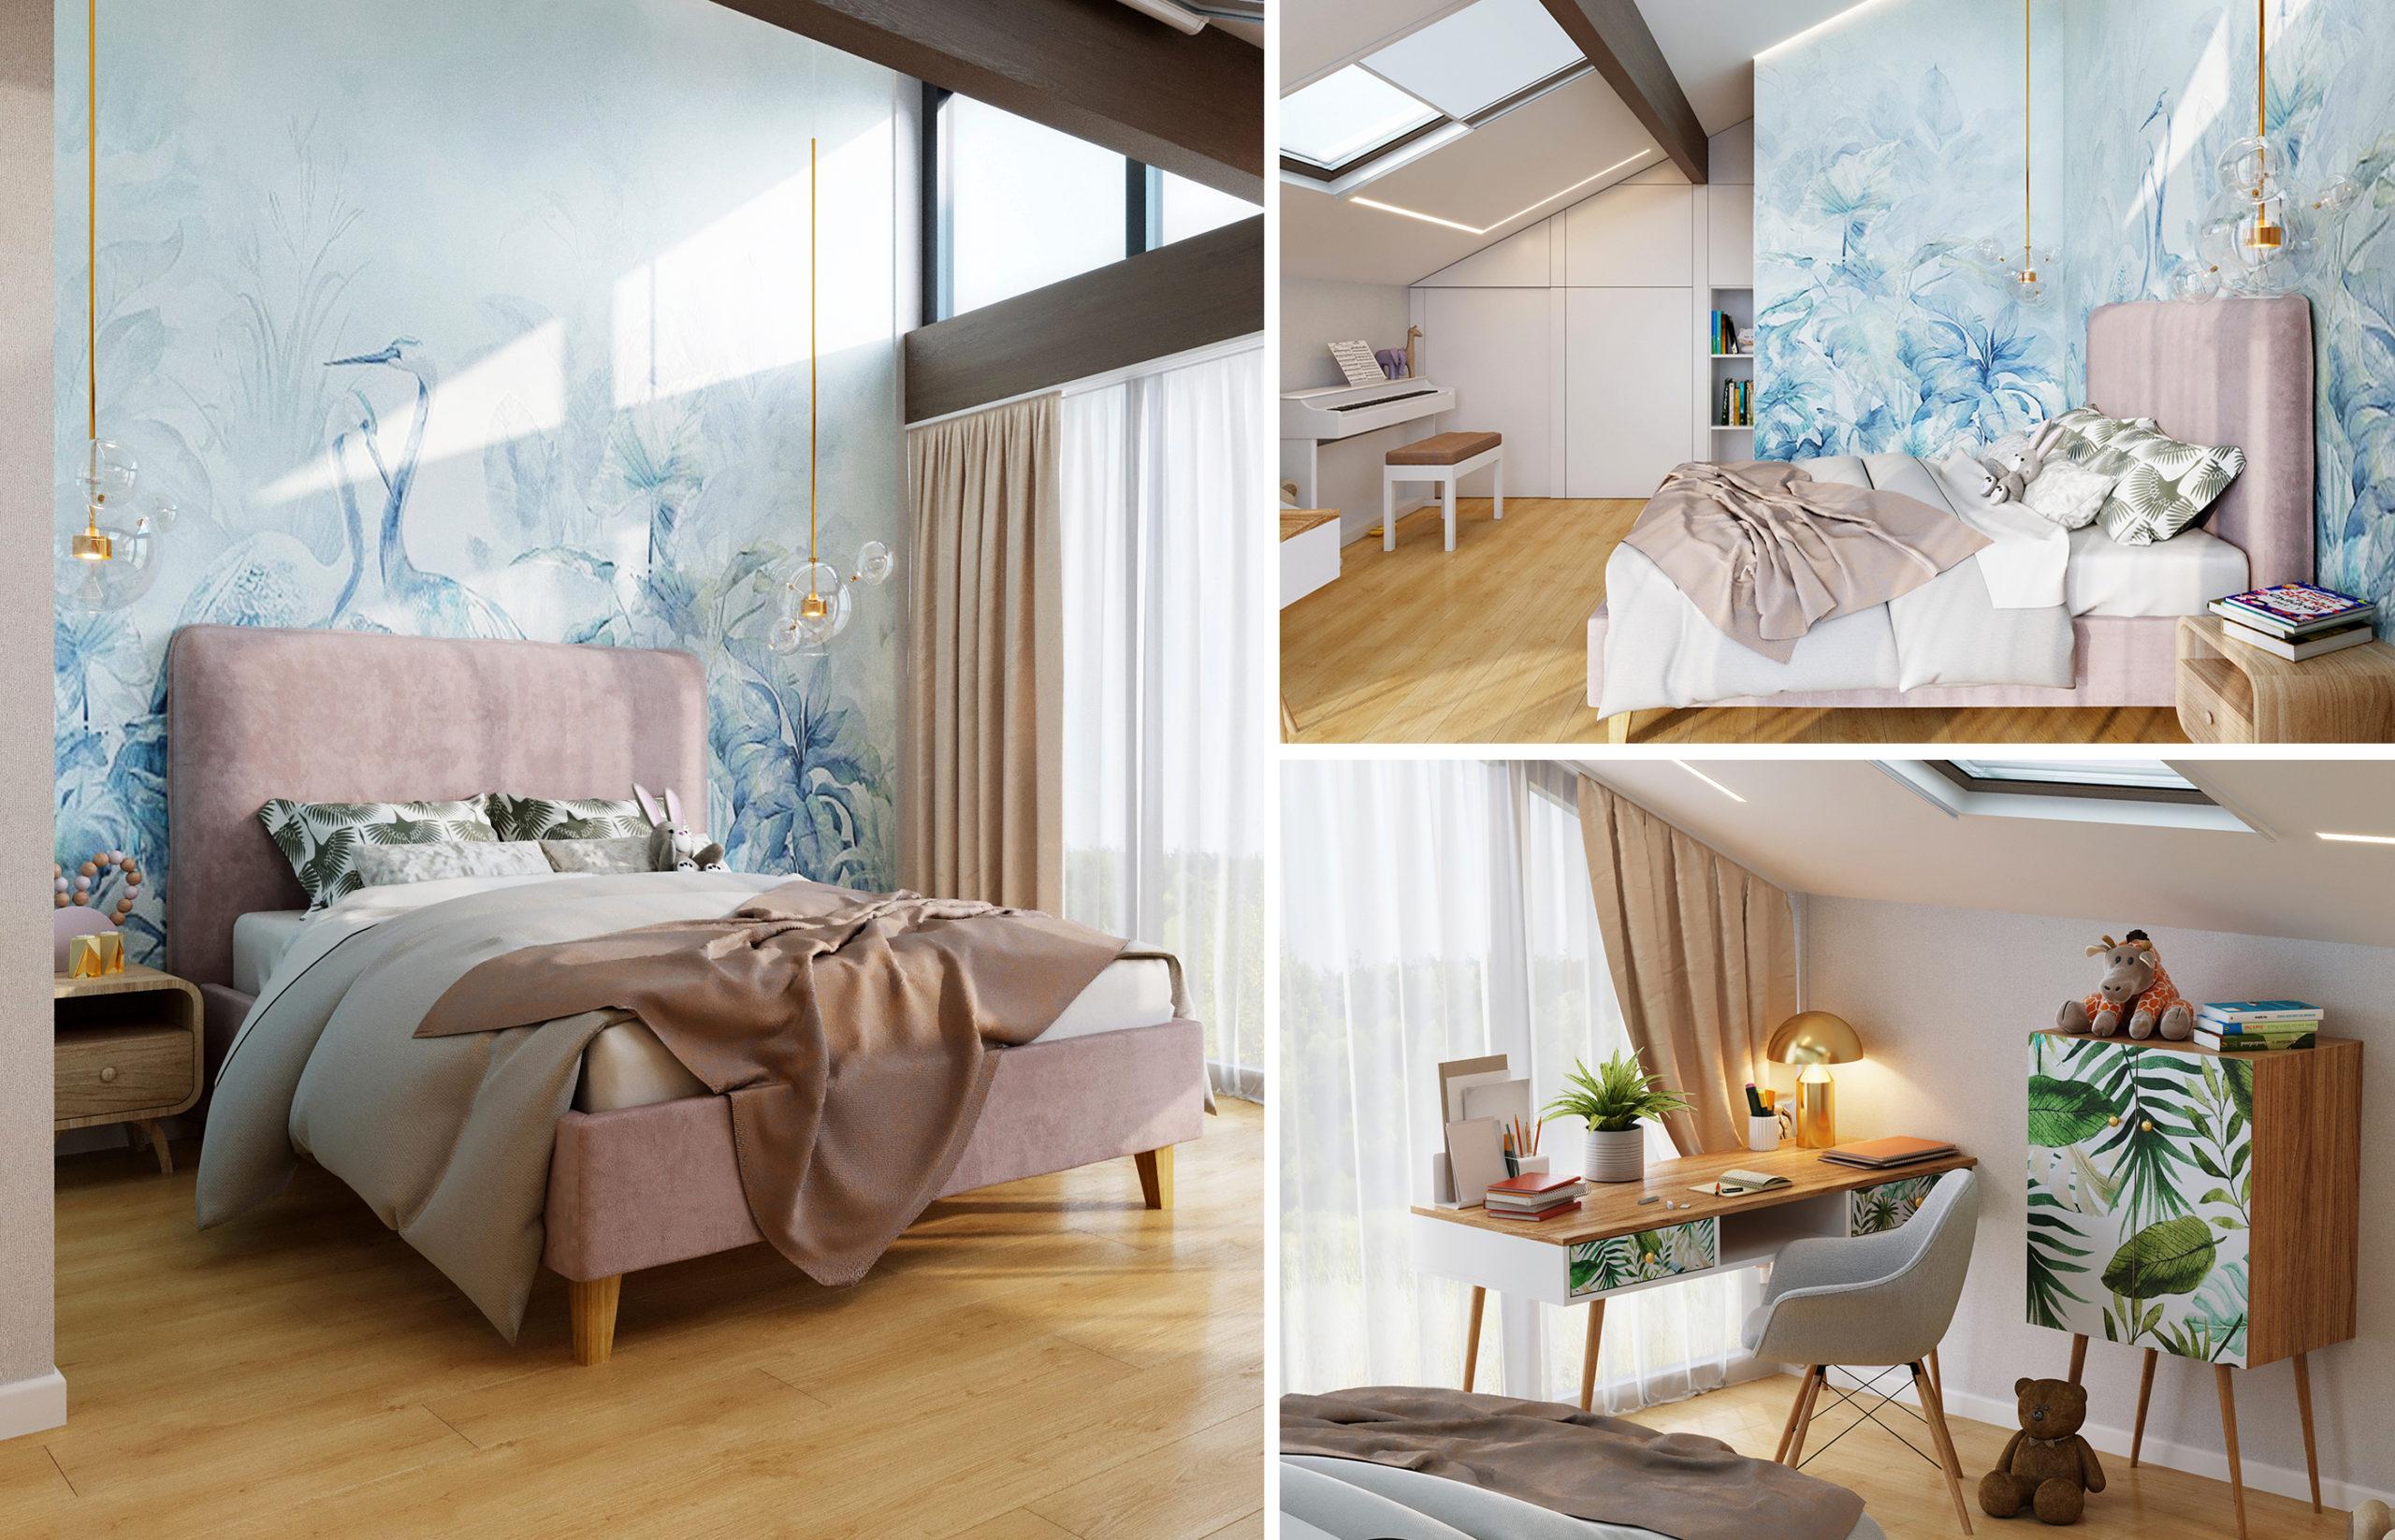 Простая по форме мебель в комнате девочки украшена принтом. Как будто из леса прилетели листья и оставили свои отпечатки на мебельных фасадах